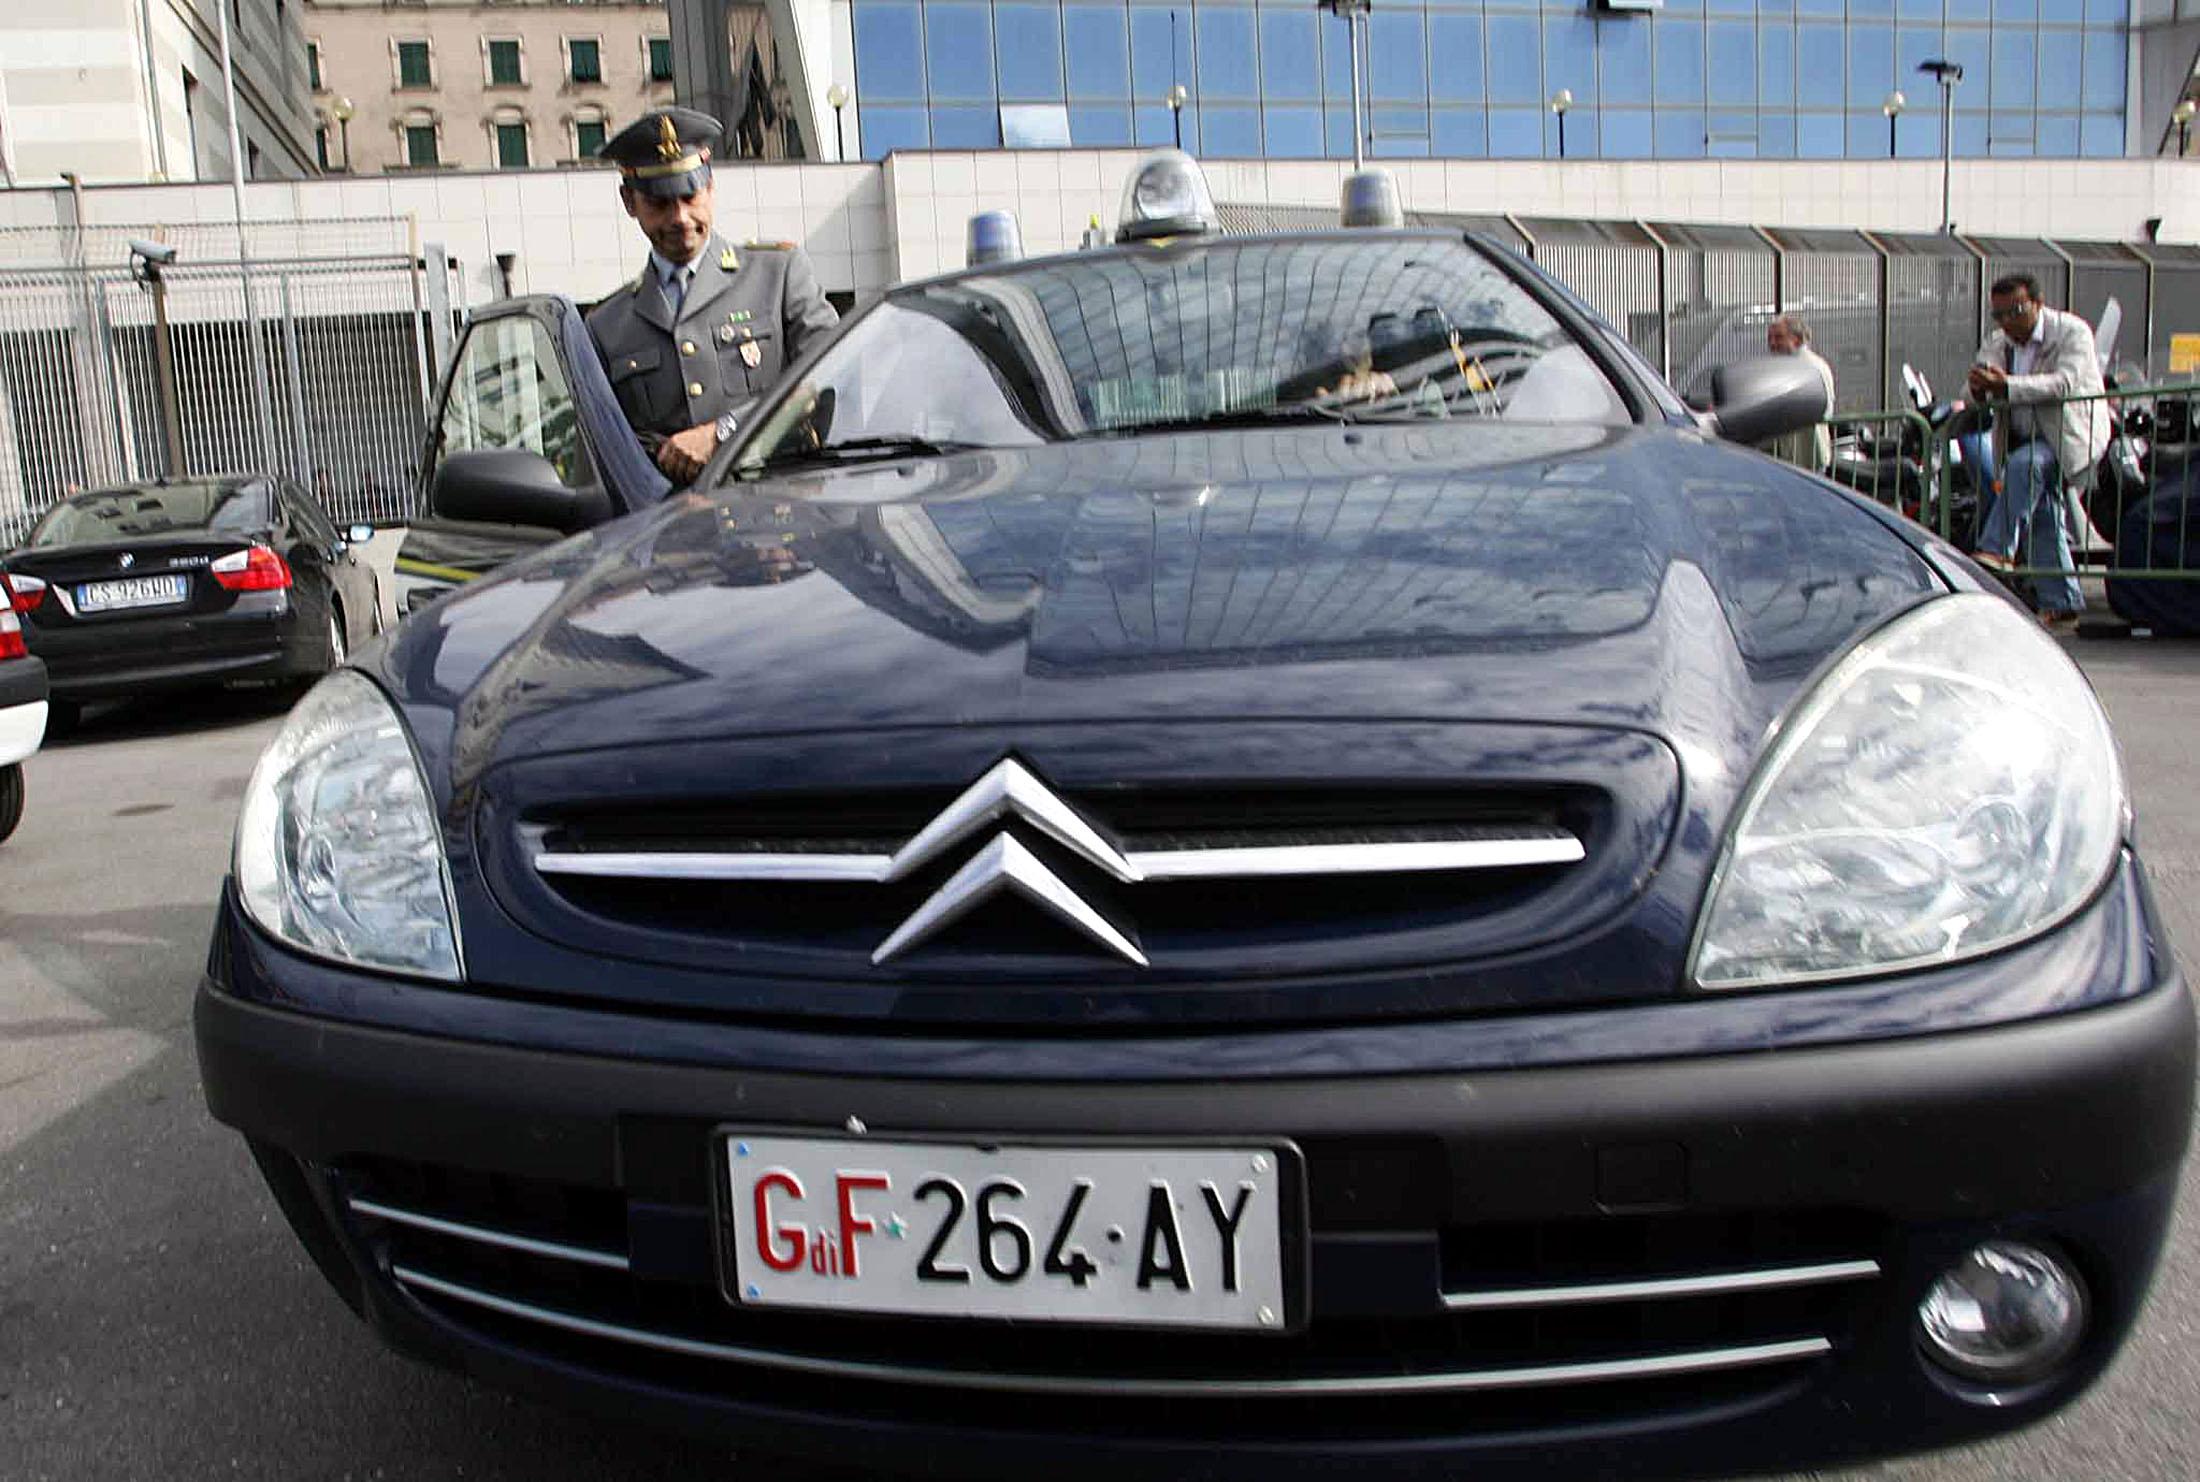 La crisi favorisce l'evasione, a Piacenza boom di reati tributari